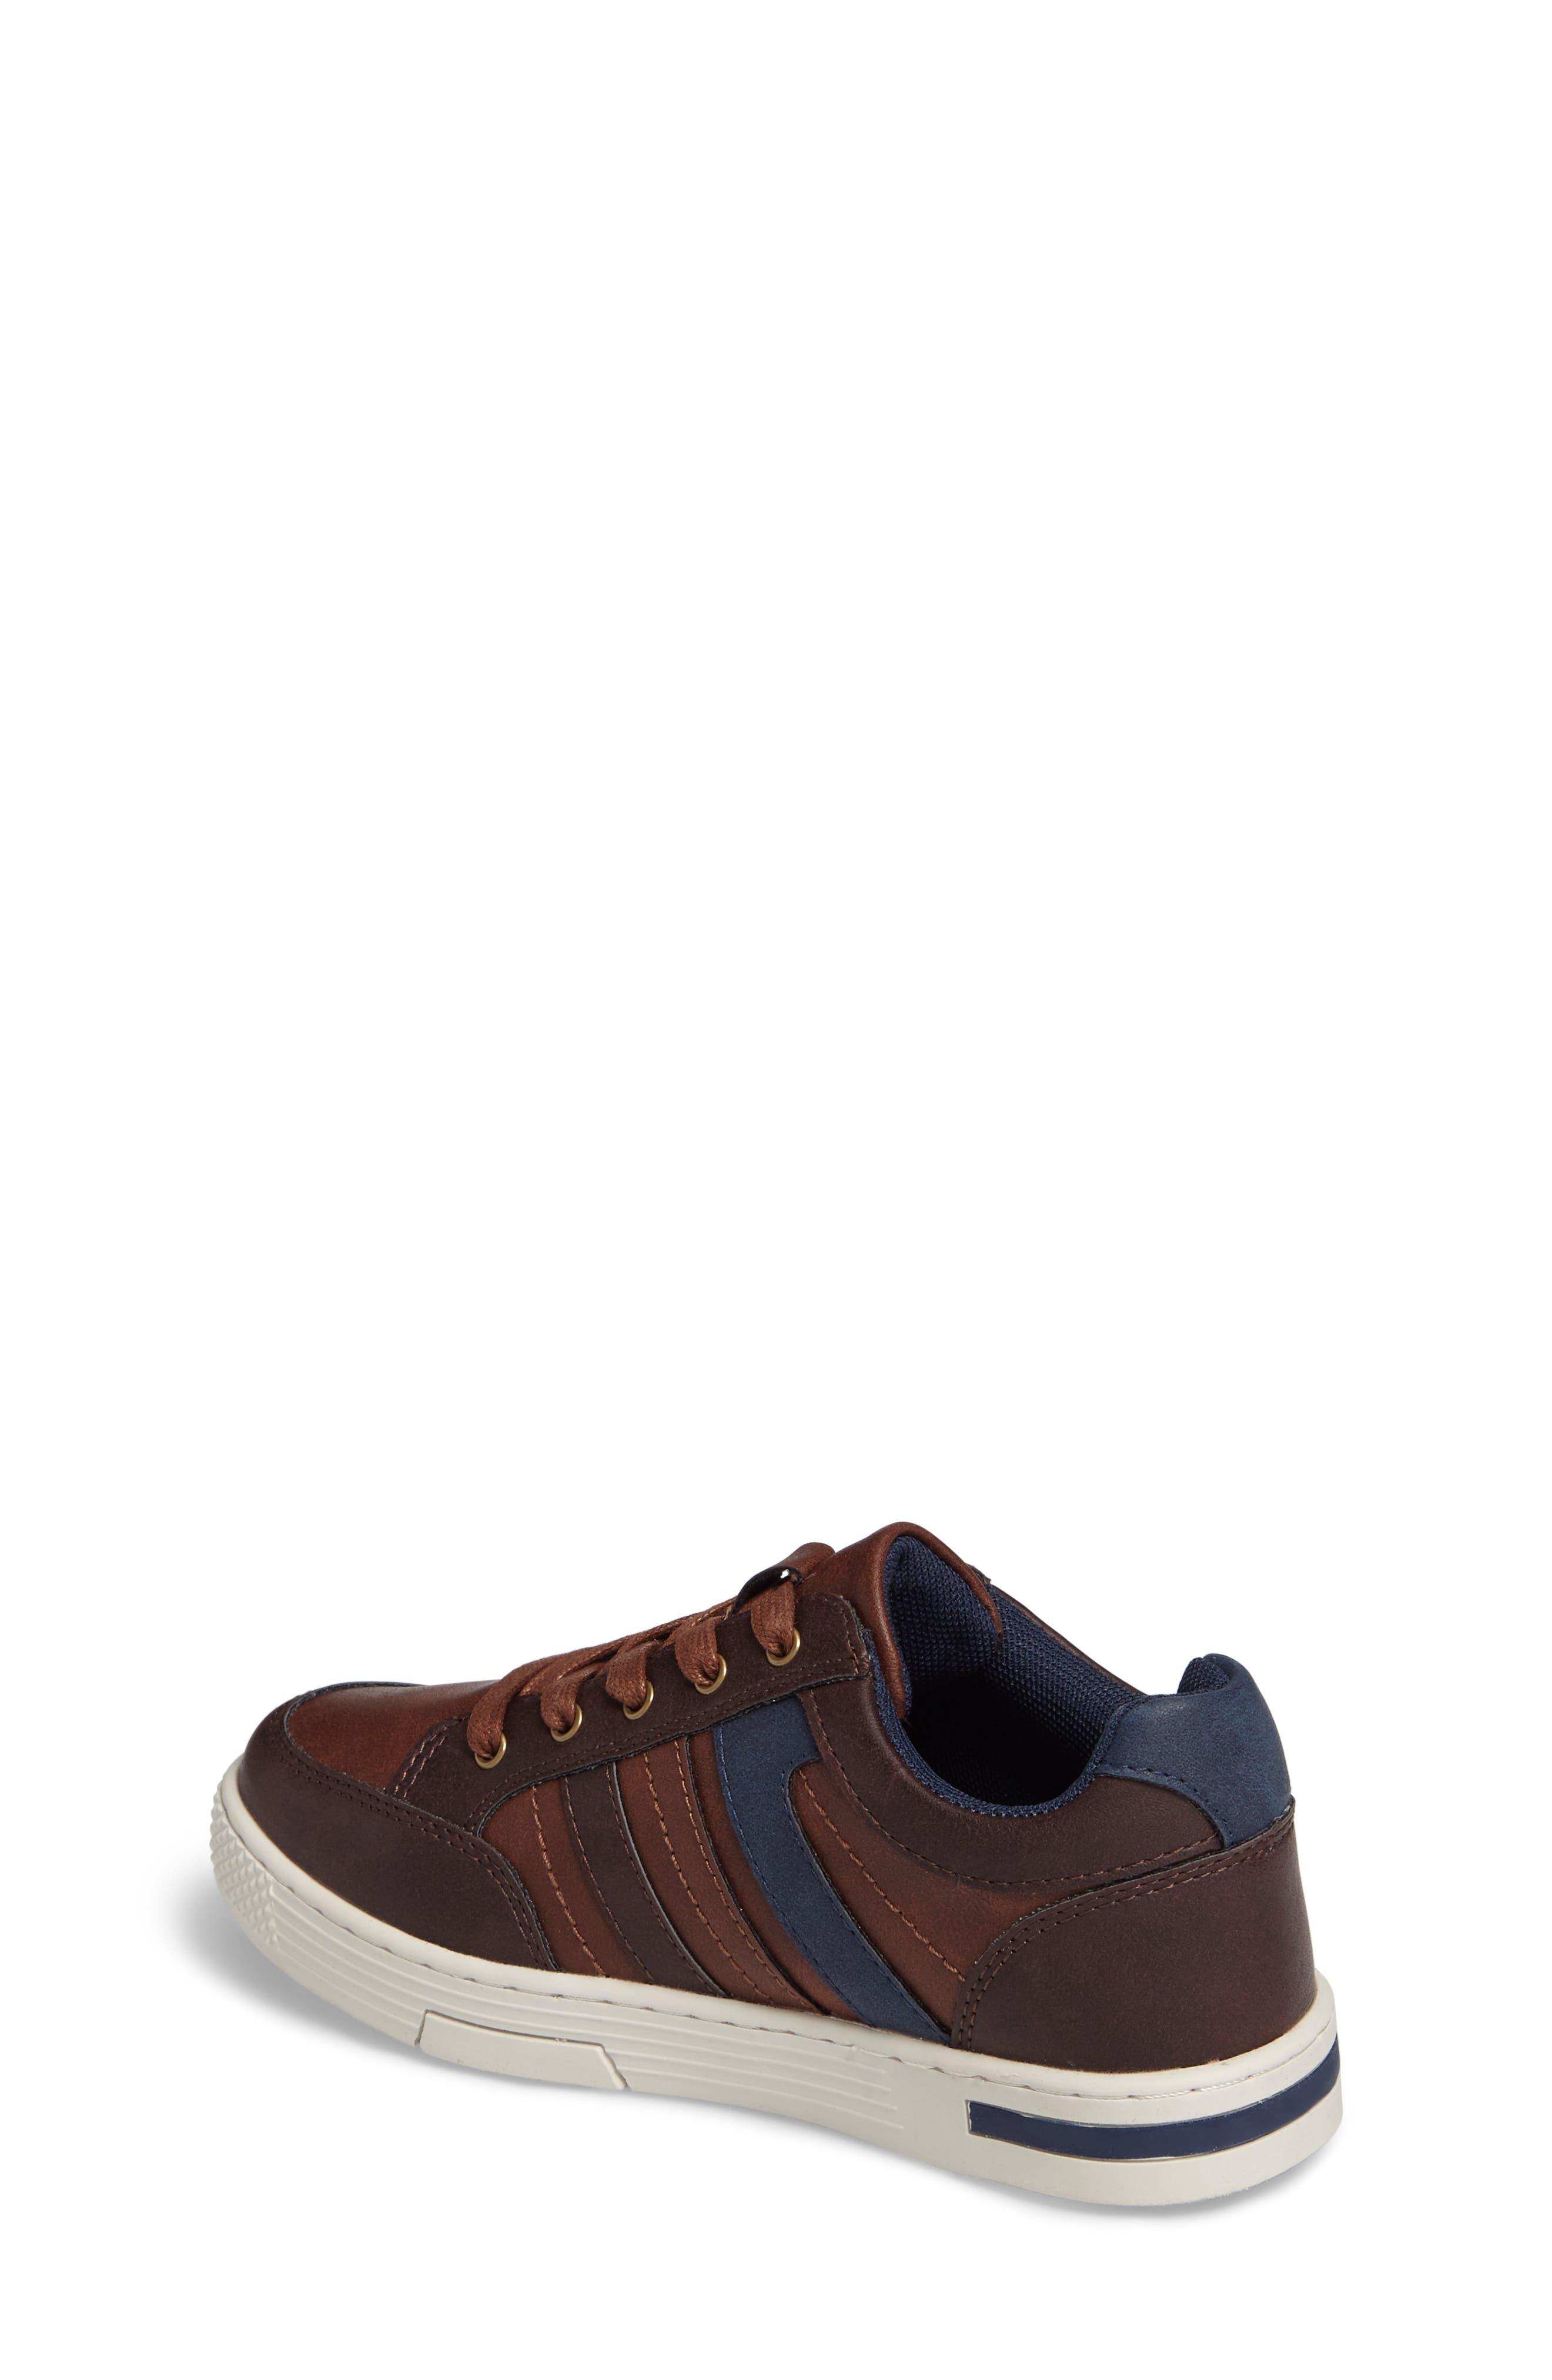 Trakk Sneaker,                             Alternate thumbnail 2, color,                             207